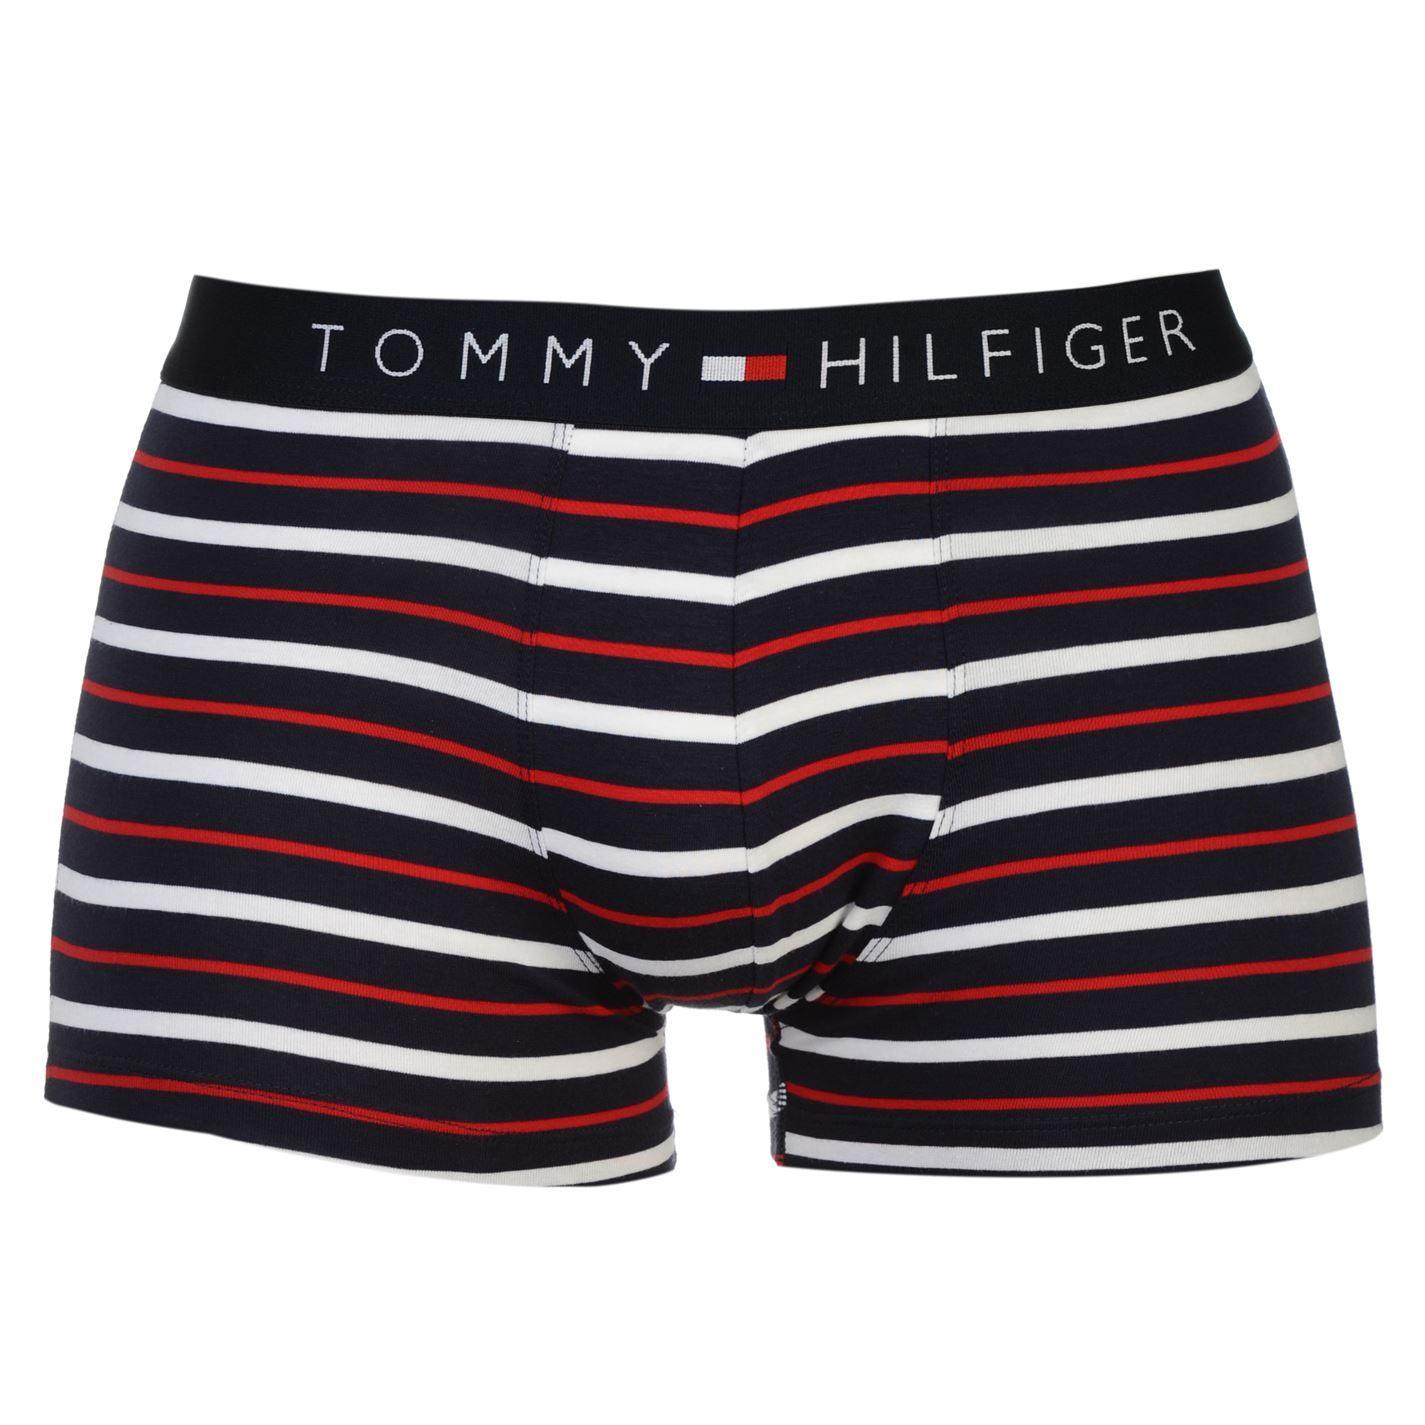 Tommy Hilfiger Mens Stripe Trunk Briefs Boxer Underwear ...